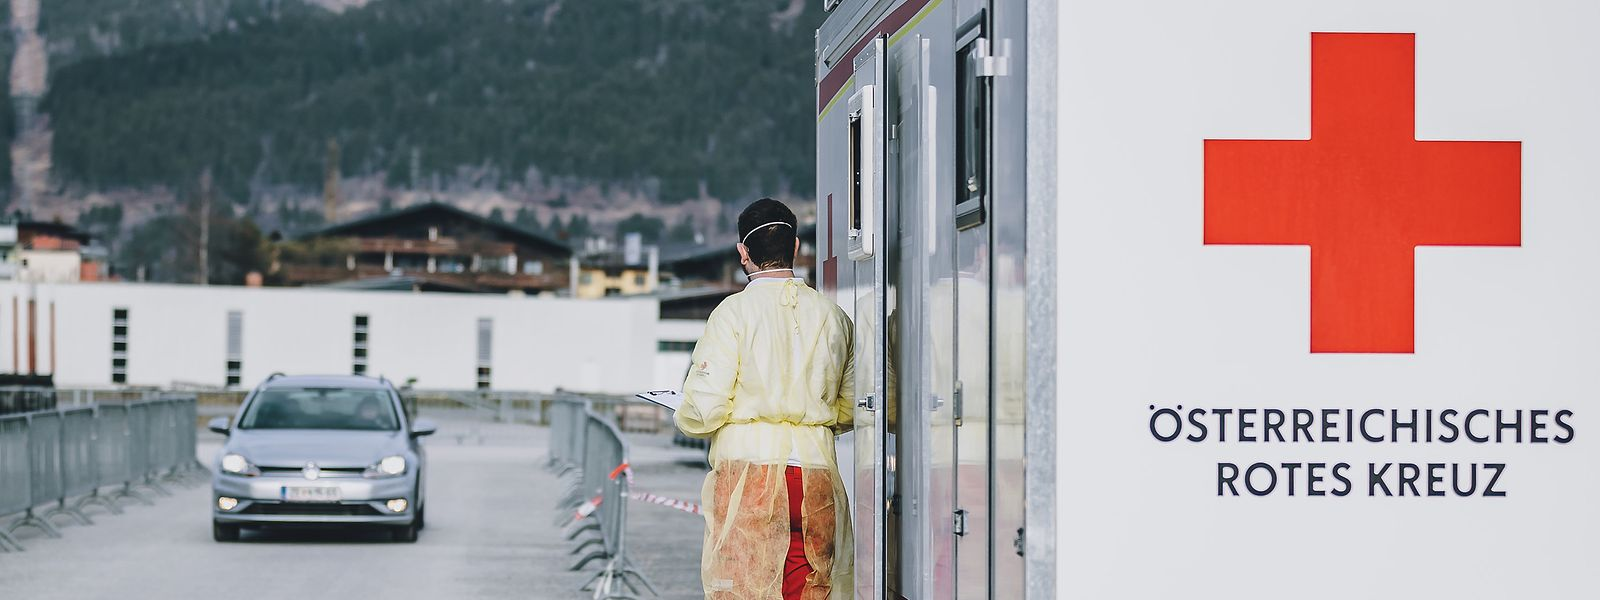 """In Zell am See hat das österreichische Rote Kreuz eine """"Drive-Through""""-Teststation eingerichtet."""